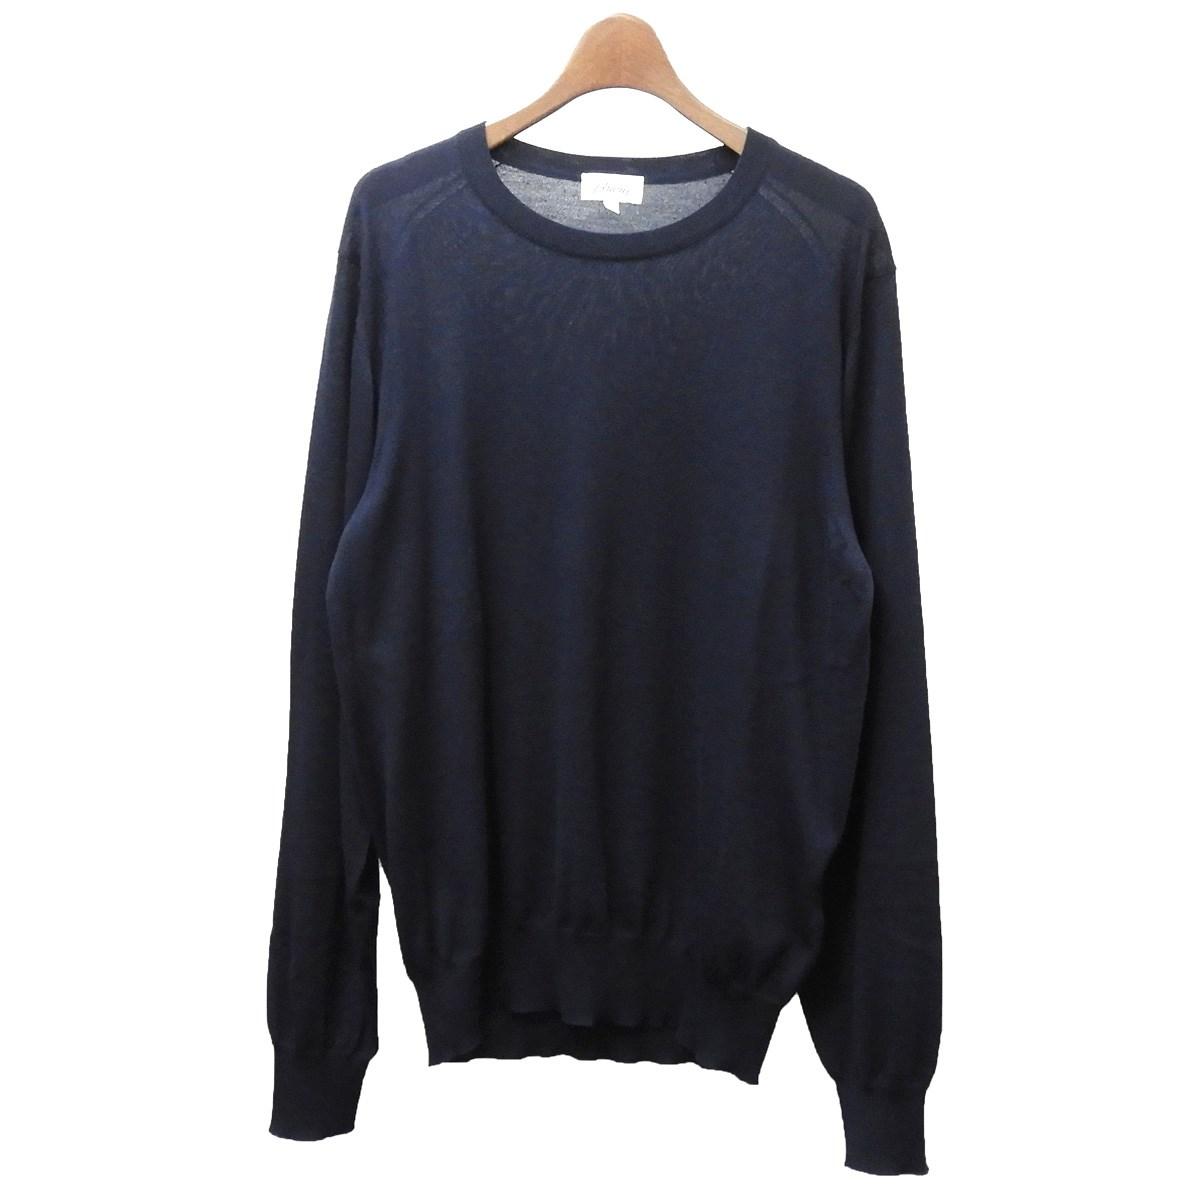 【中古】Brioni クルーネックニットセーター ネイビー サイズ:50 【070320】(ブリオーニ)